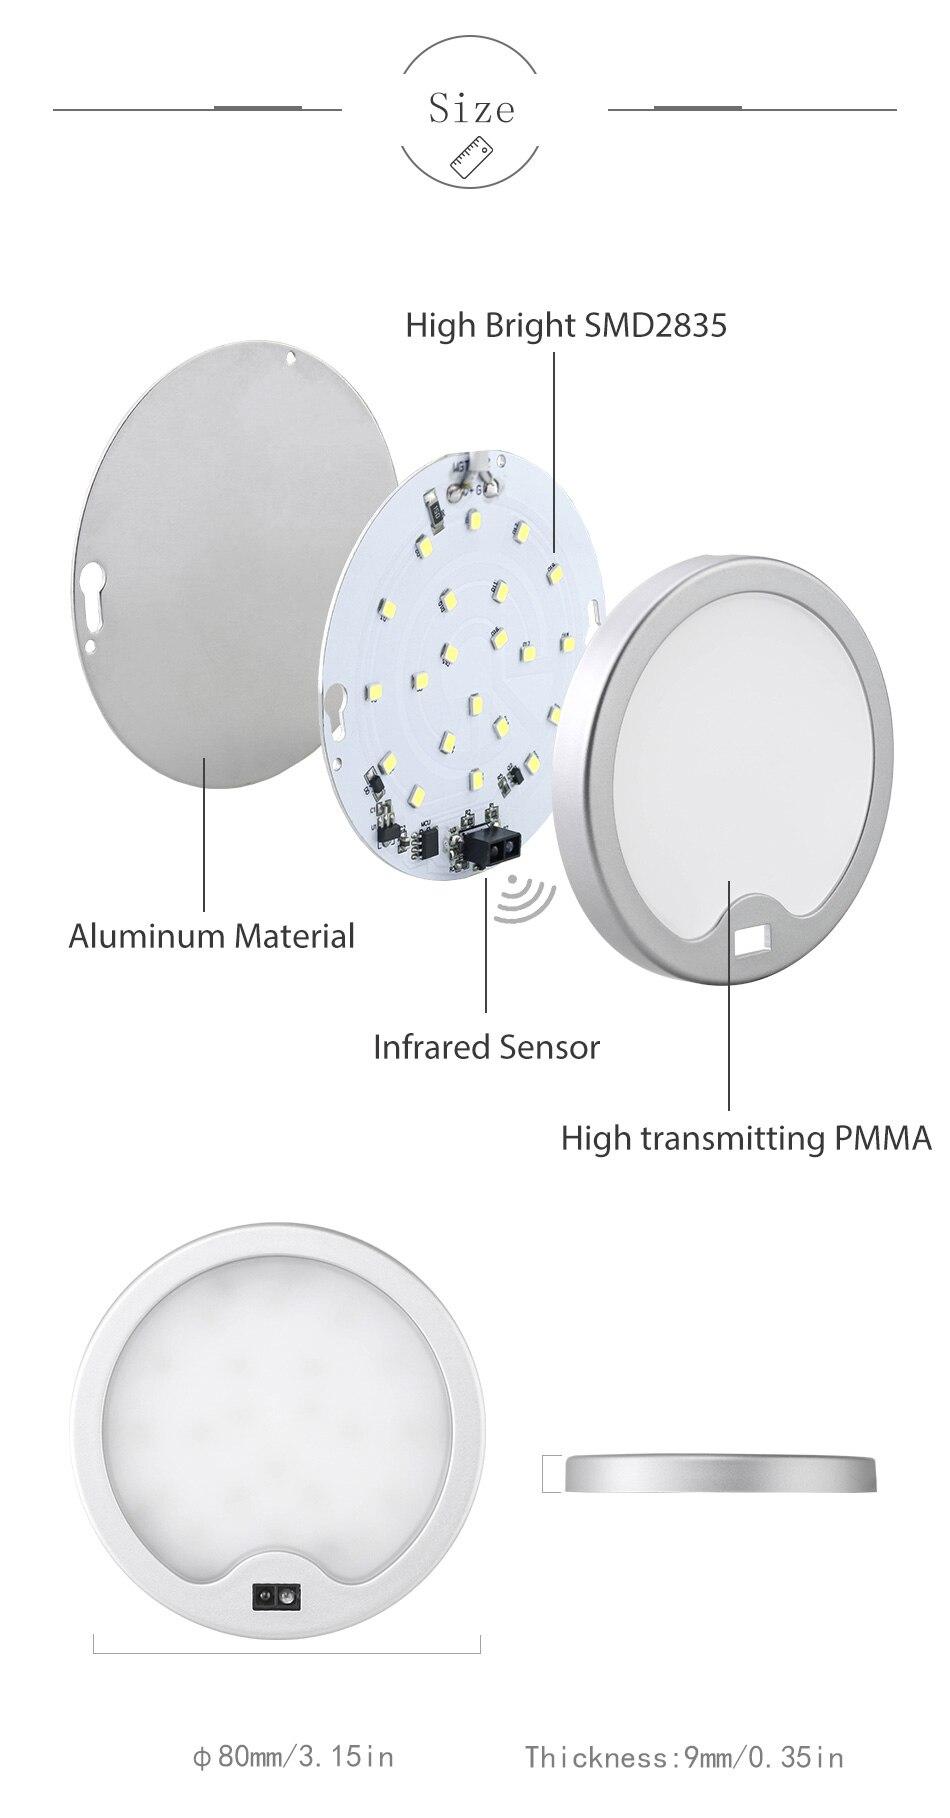 SMD2835 LED Chips PIR Sensor Lamp Kitchen Wardrobe Closet Motion Sensor 12V DC Under Cabinet Lights 3W Cabinet Night Lighting (12)